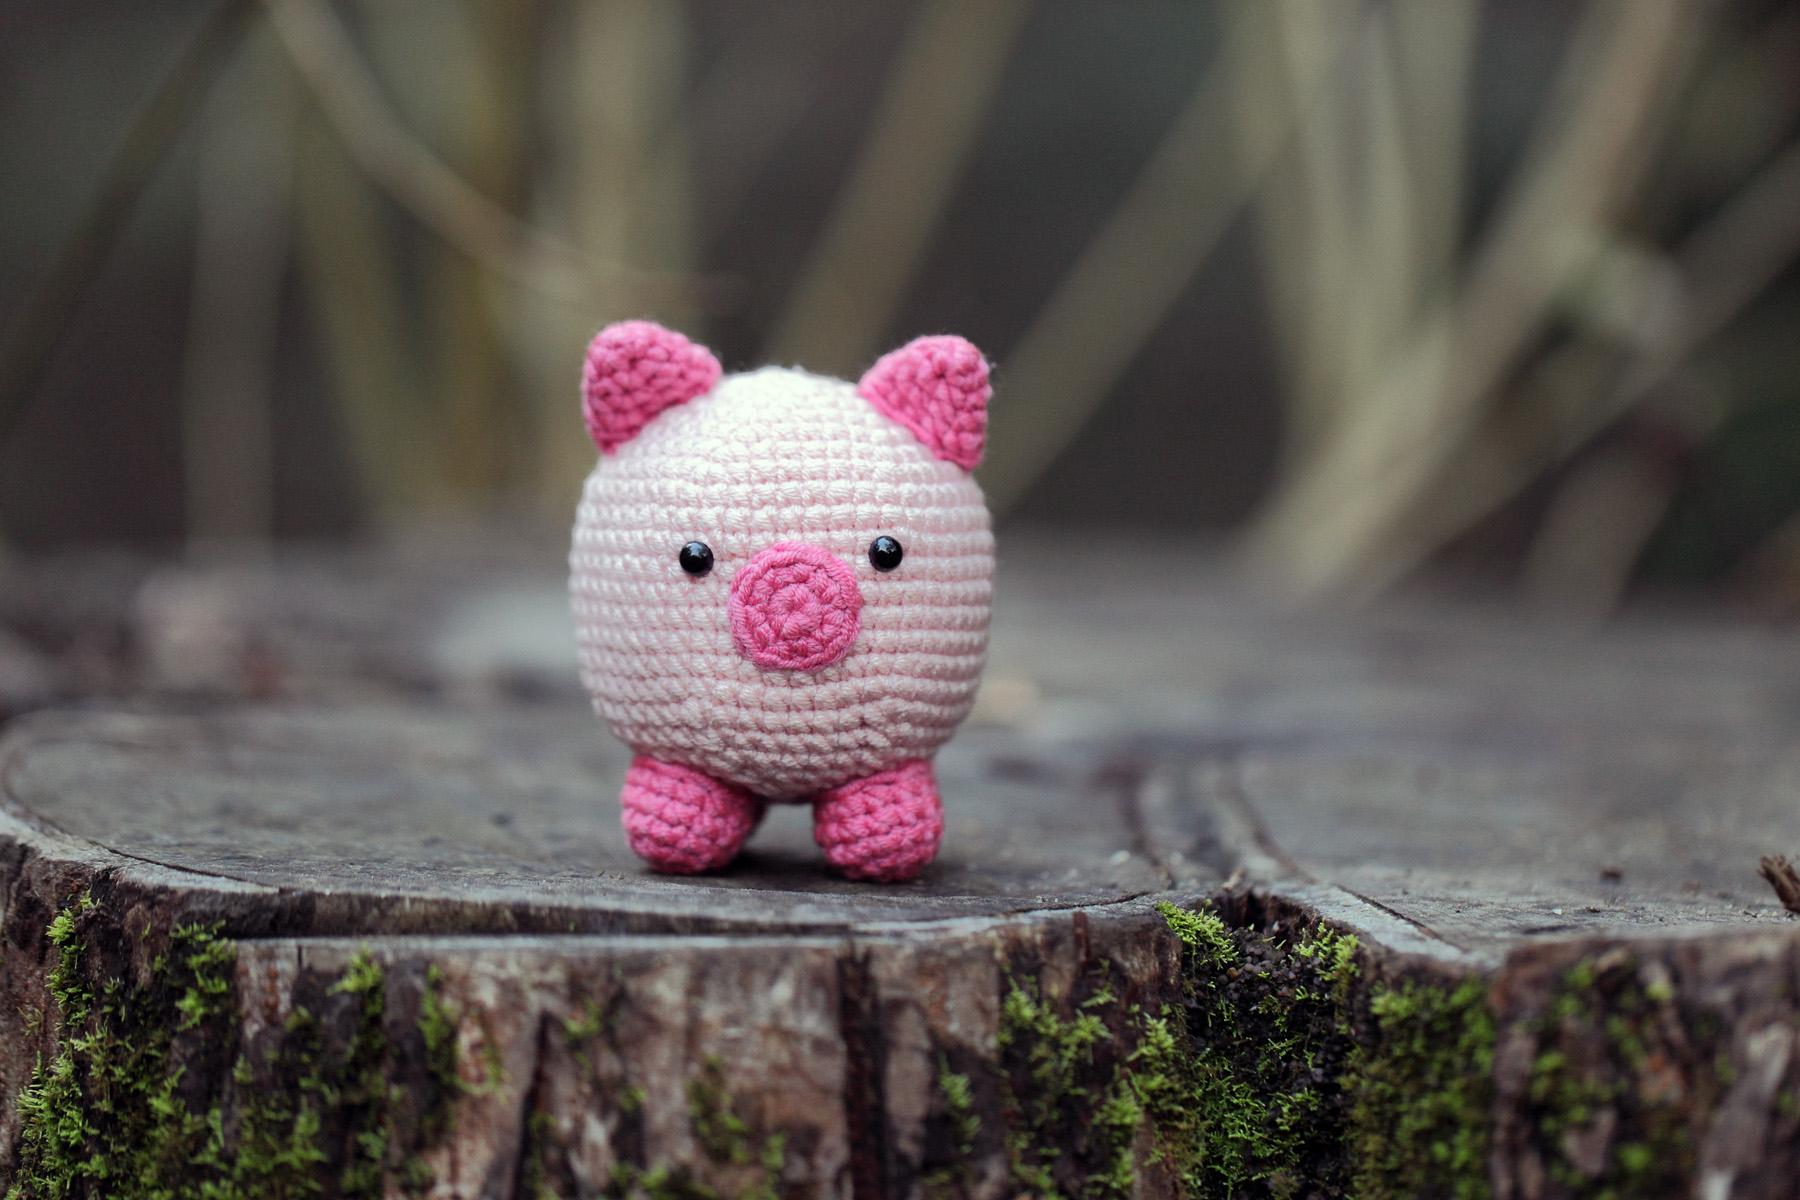 Little Pink Piggy